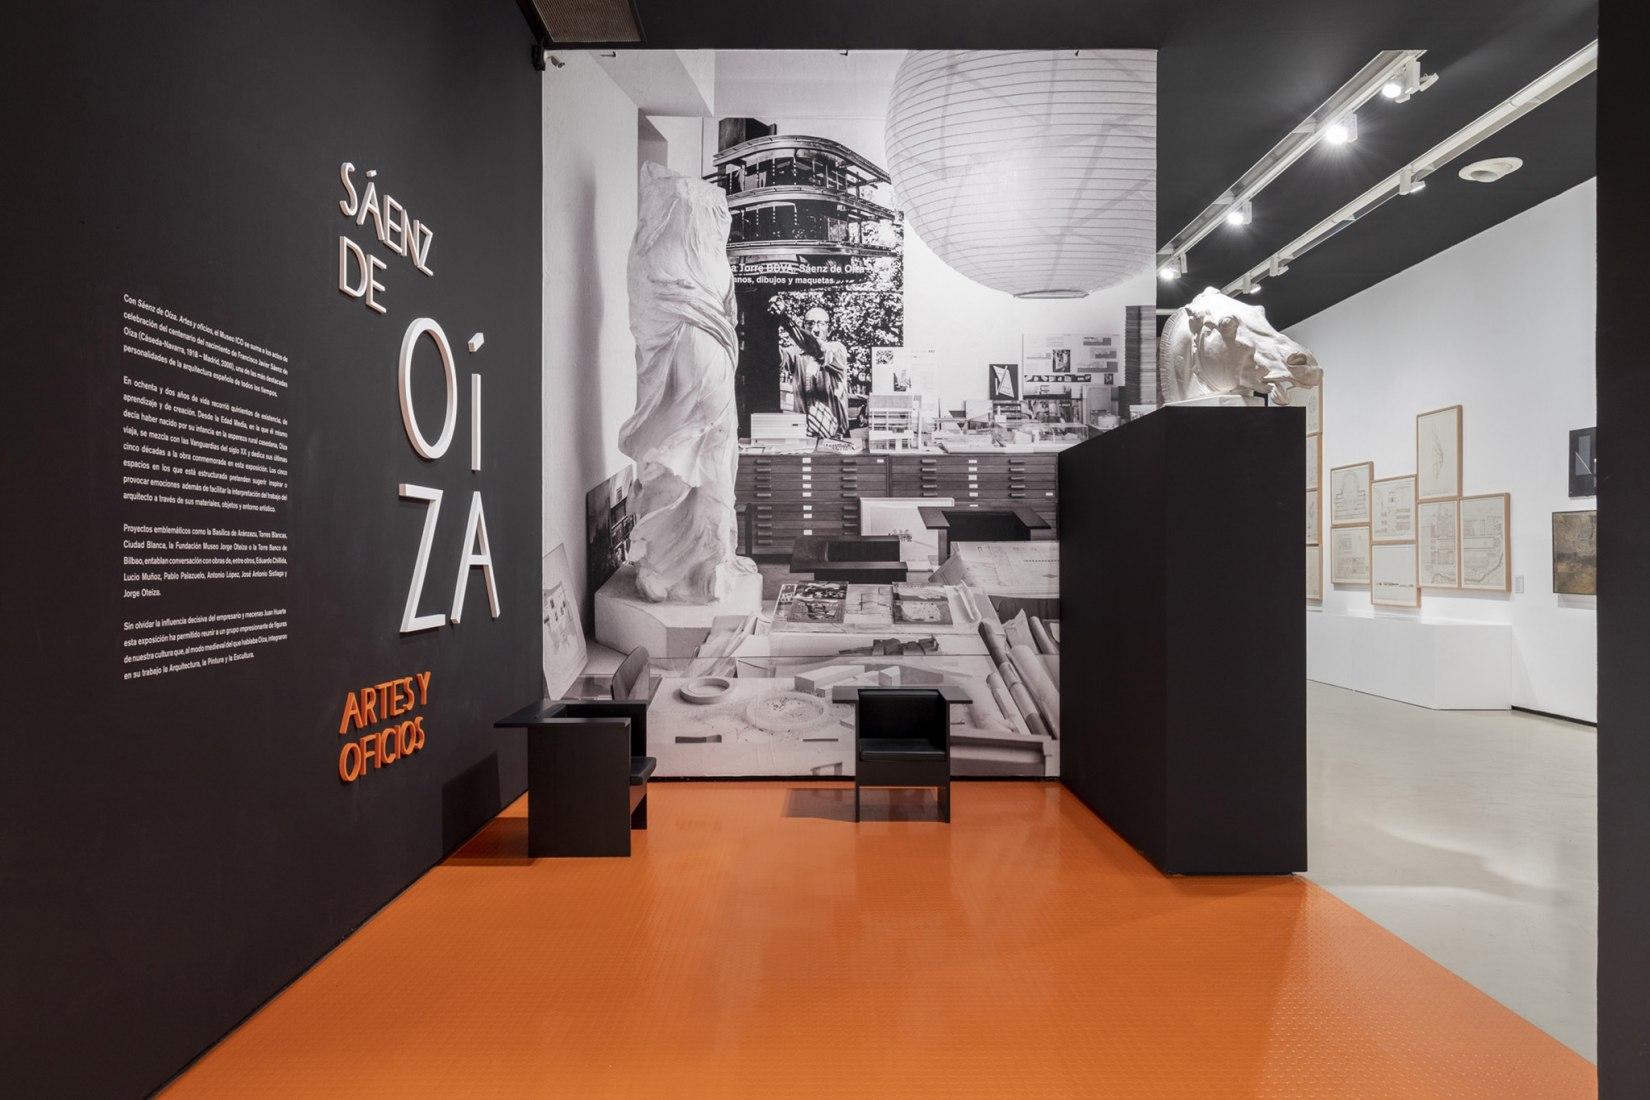 Imagen de la inauguración de la exposición en el Museo ICO. 06 de febrero de 2020. Fotografía por Museo ICO